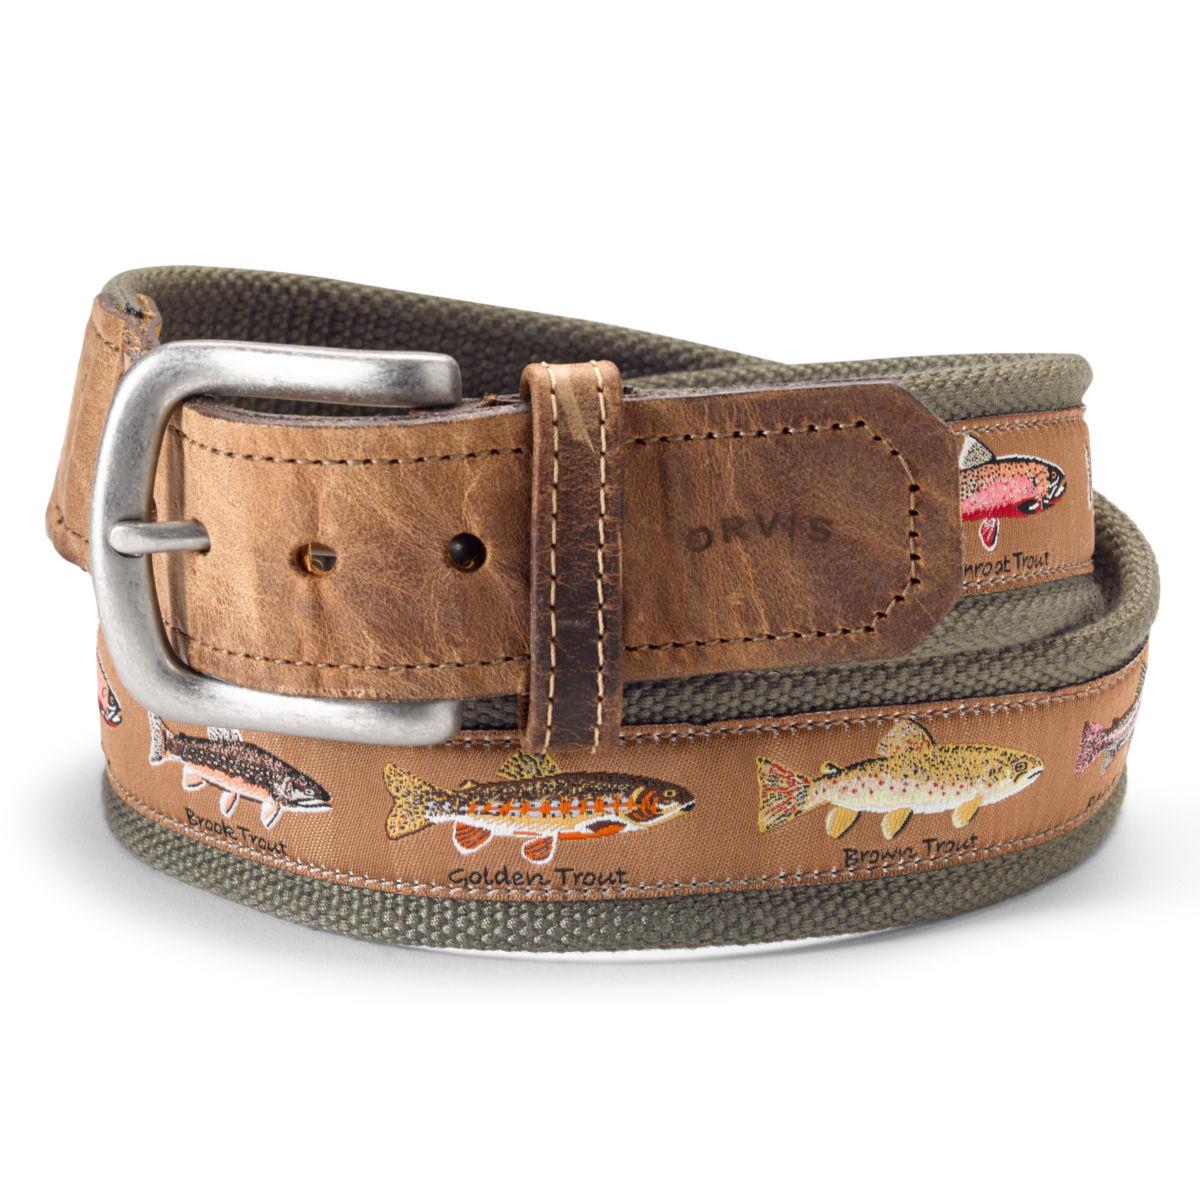 Pontoon Trout Story Belt - OLIVEimage number 0